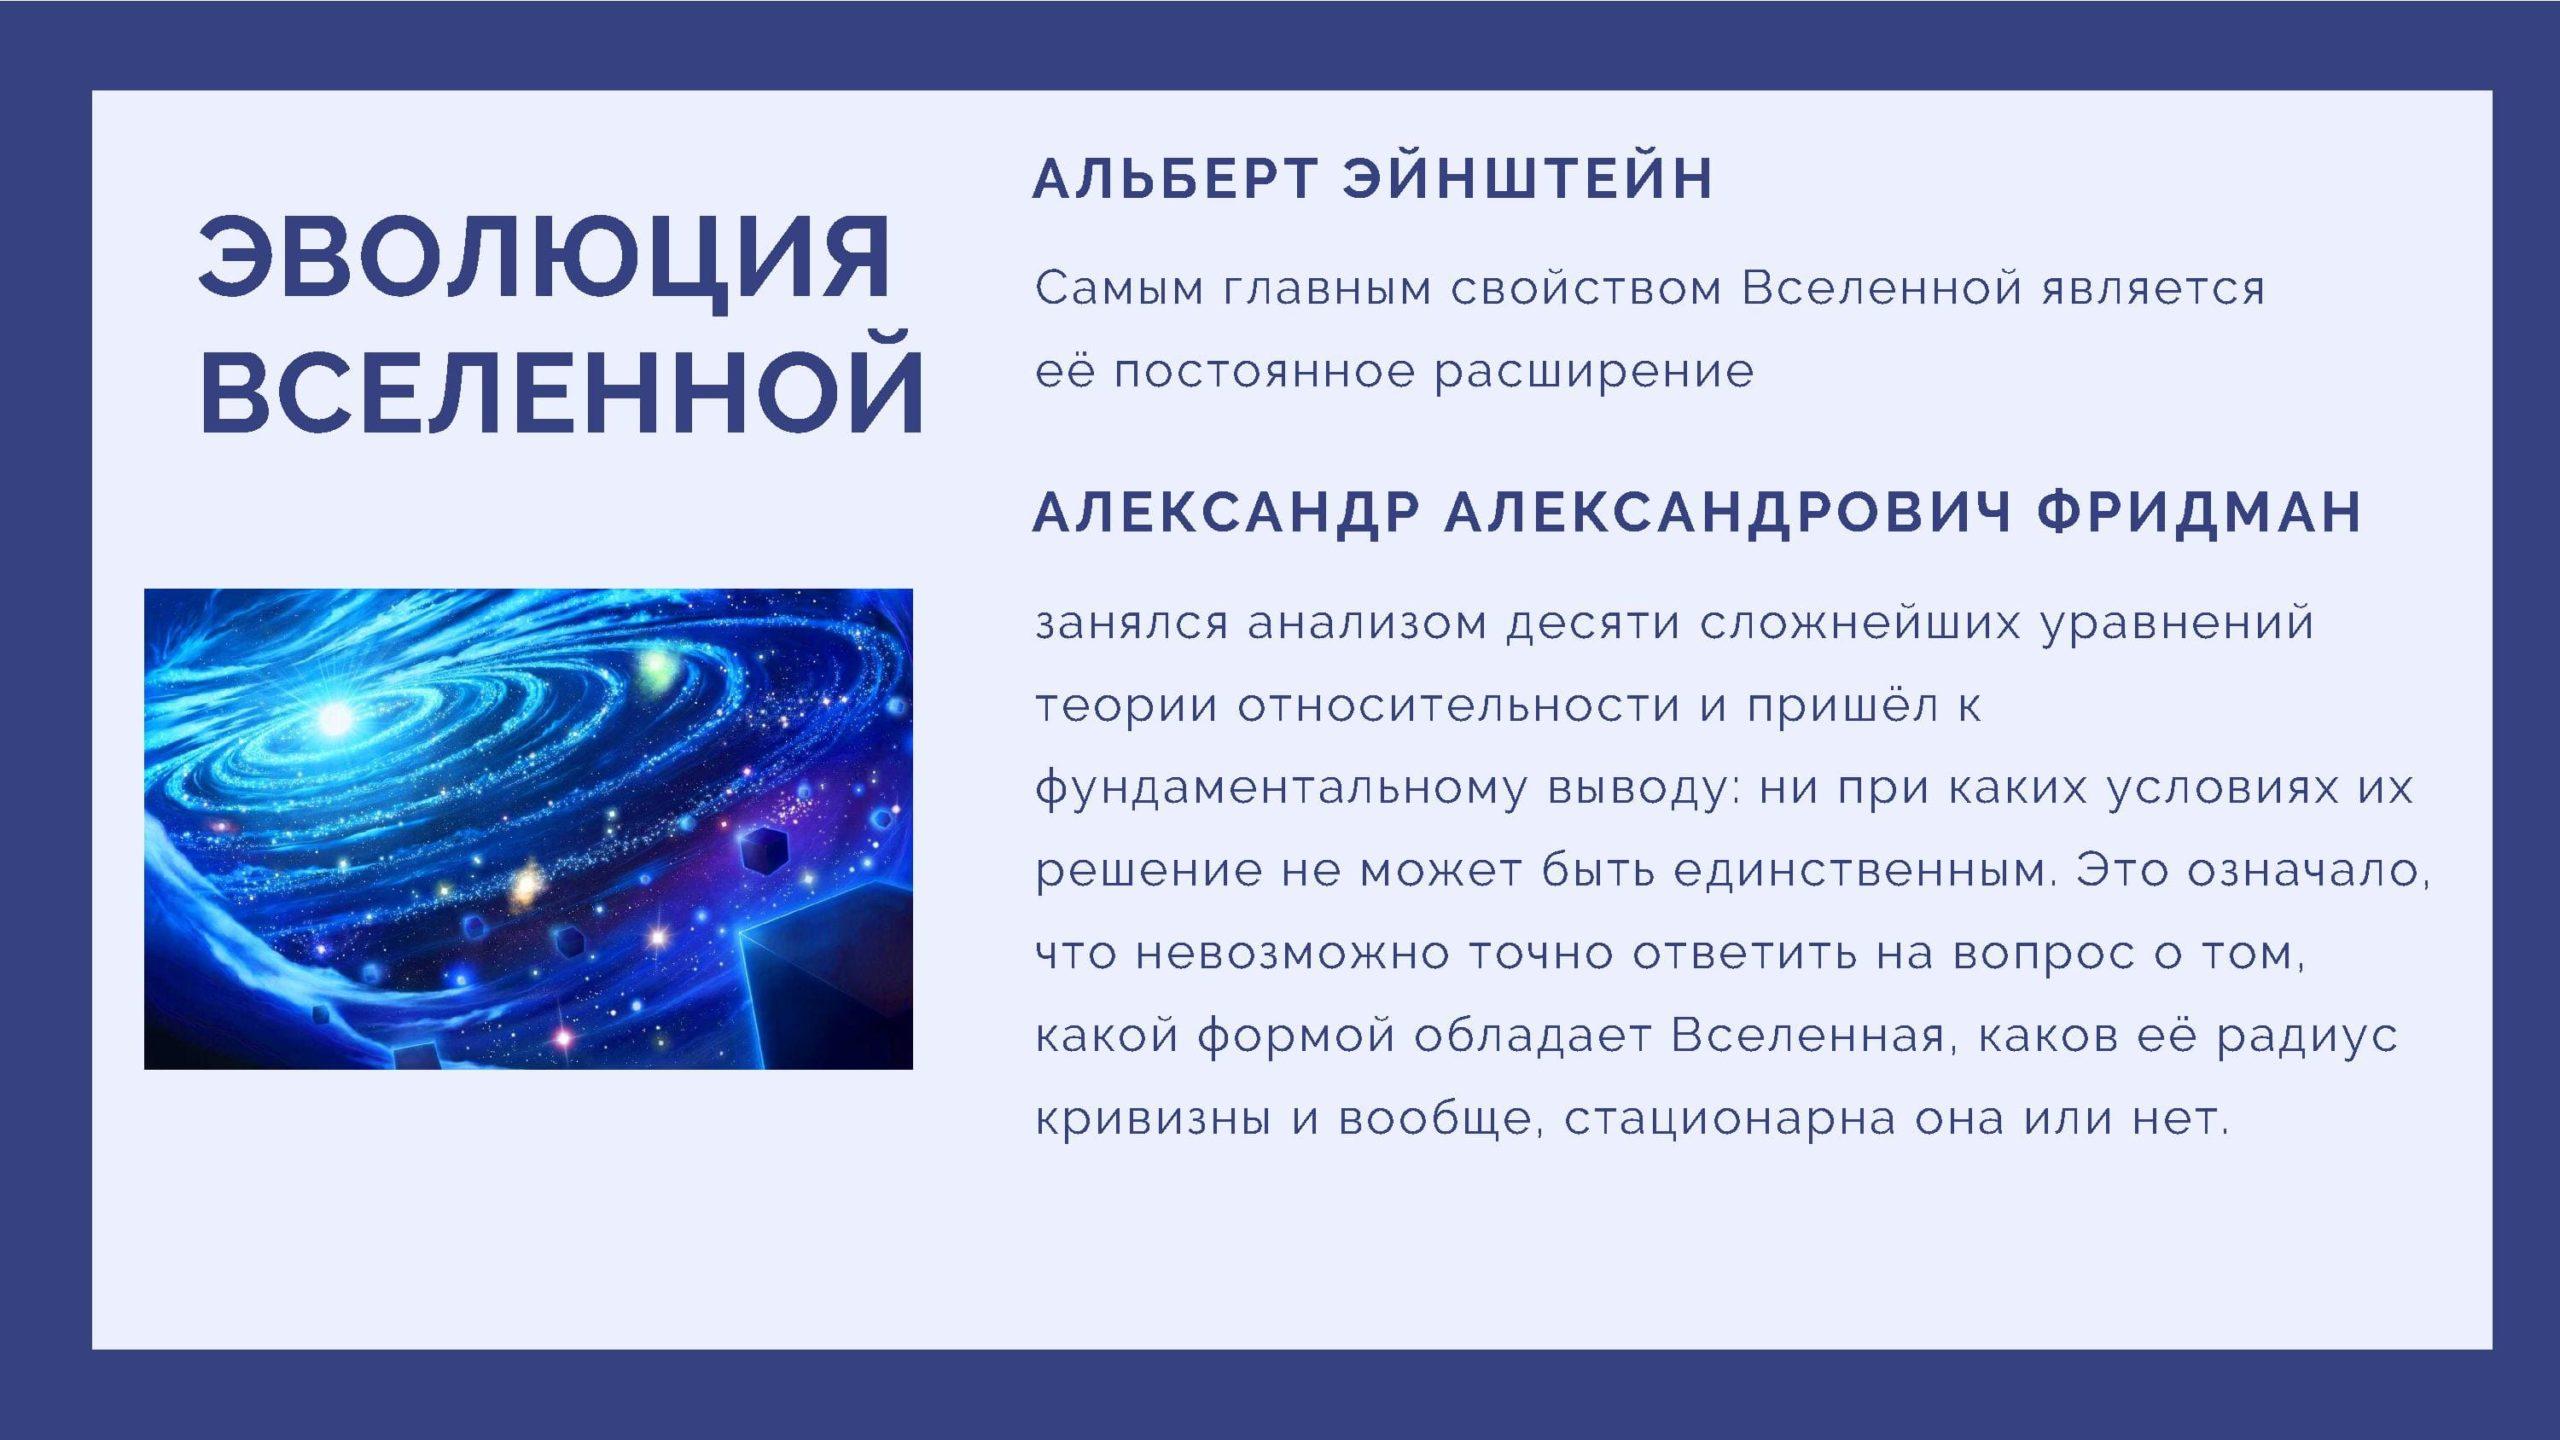 Эволюция Вселенной. Альберт Эйнштейн. Самым главным свойством Вселенной является её постоянное расширение